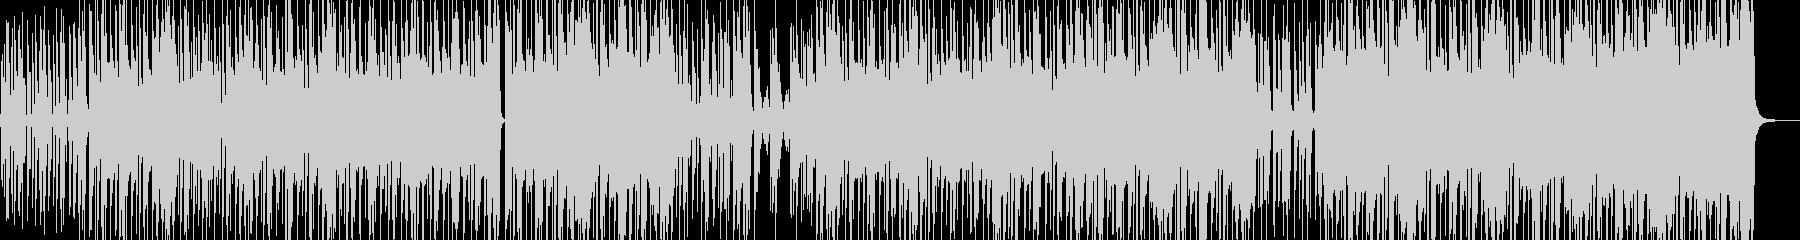 ストリート育ちイメージのヒップホップ Cの未再生の波形